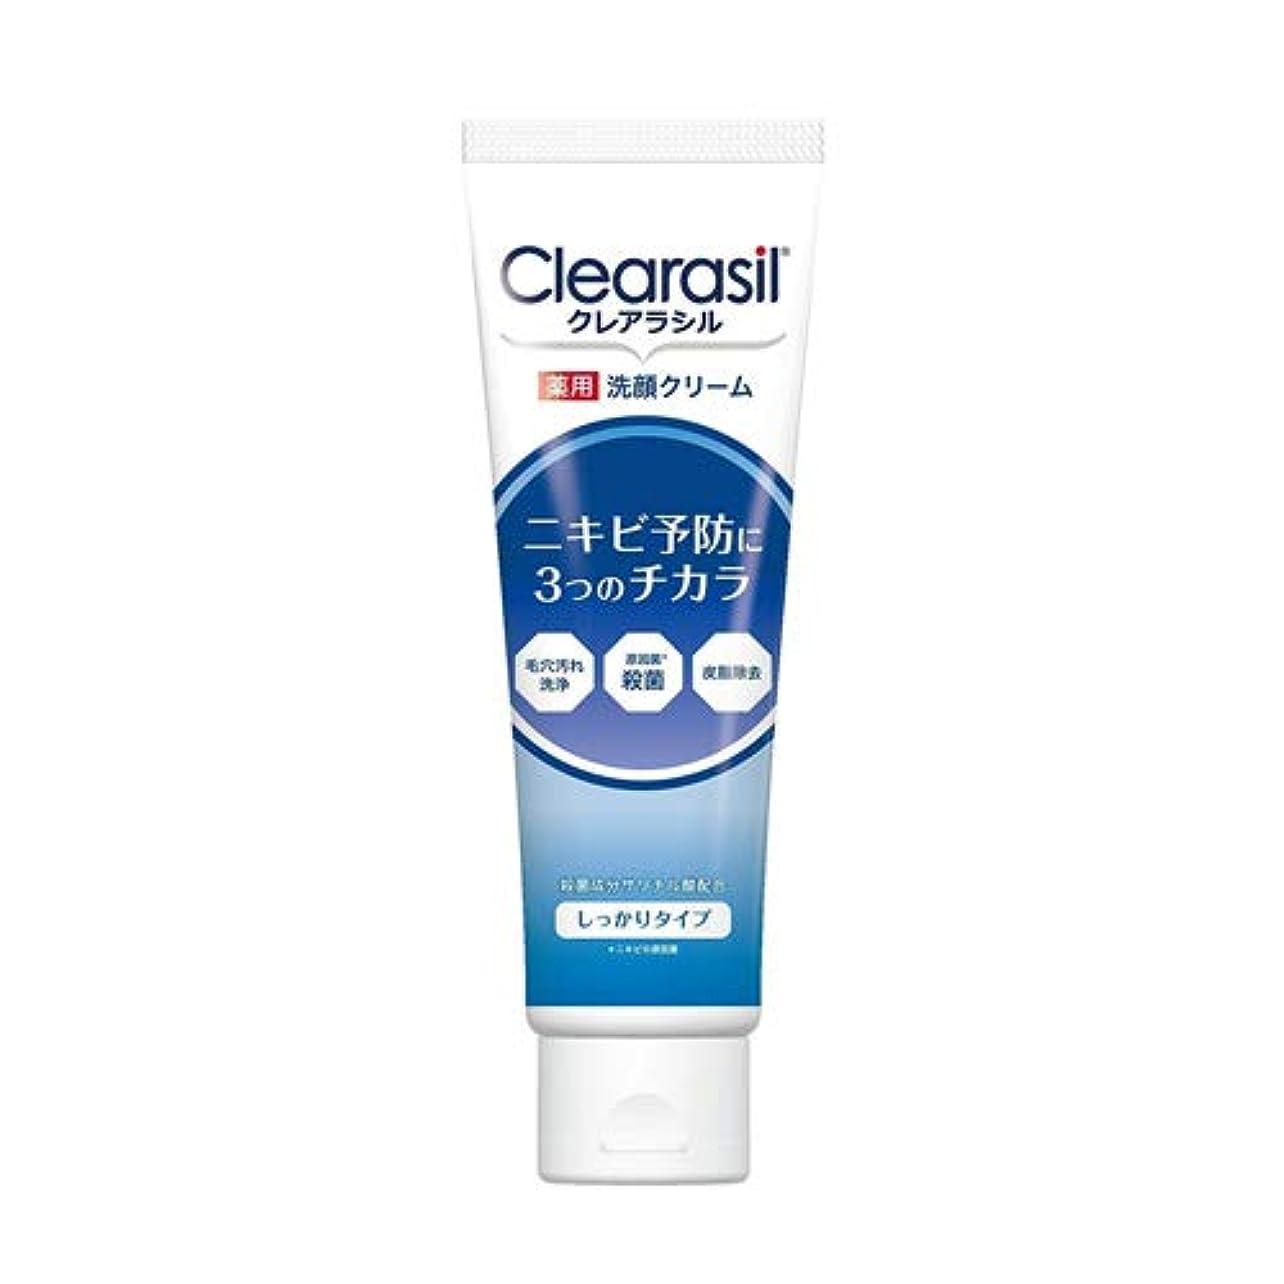 記事抽象化パーティークレアラシル 薬用 洗顔クリーム しっかりタイプ 120g 【医薬部外品】